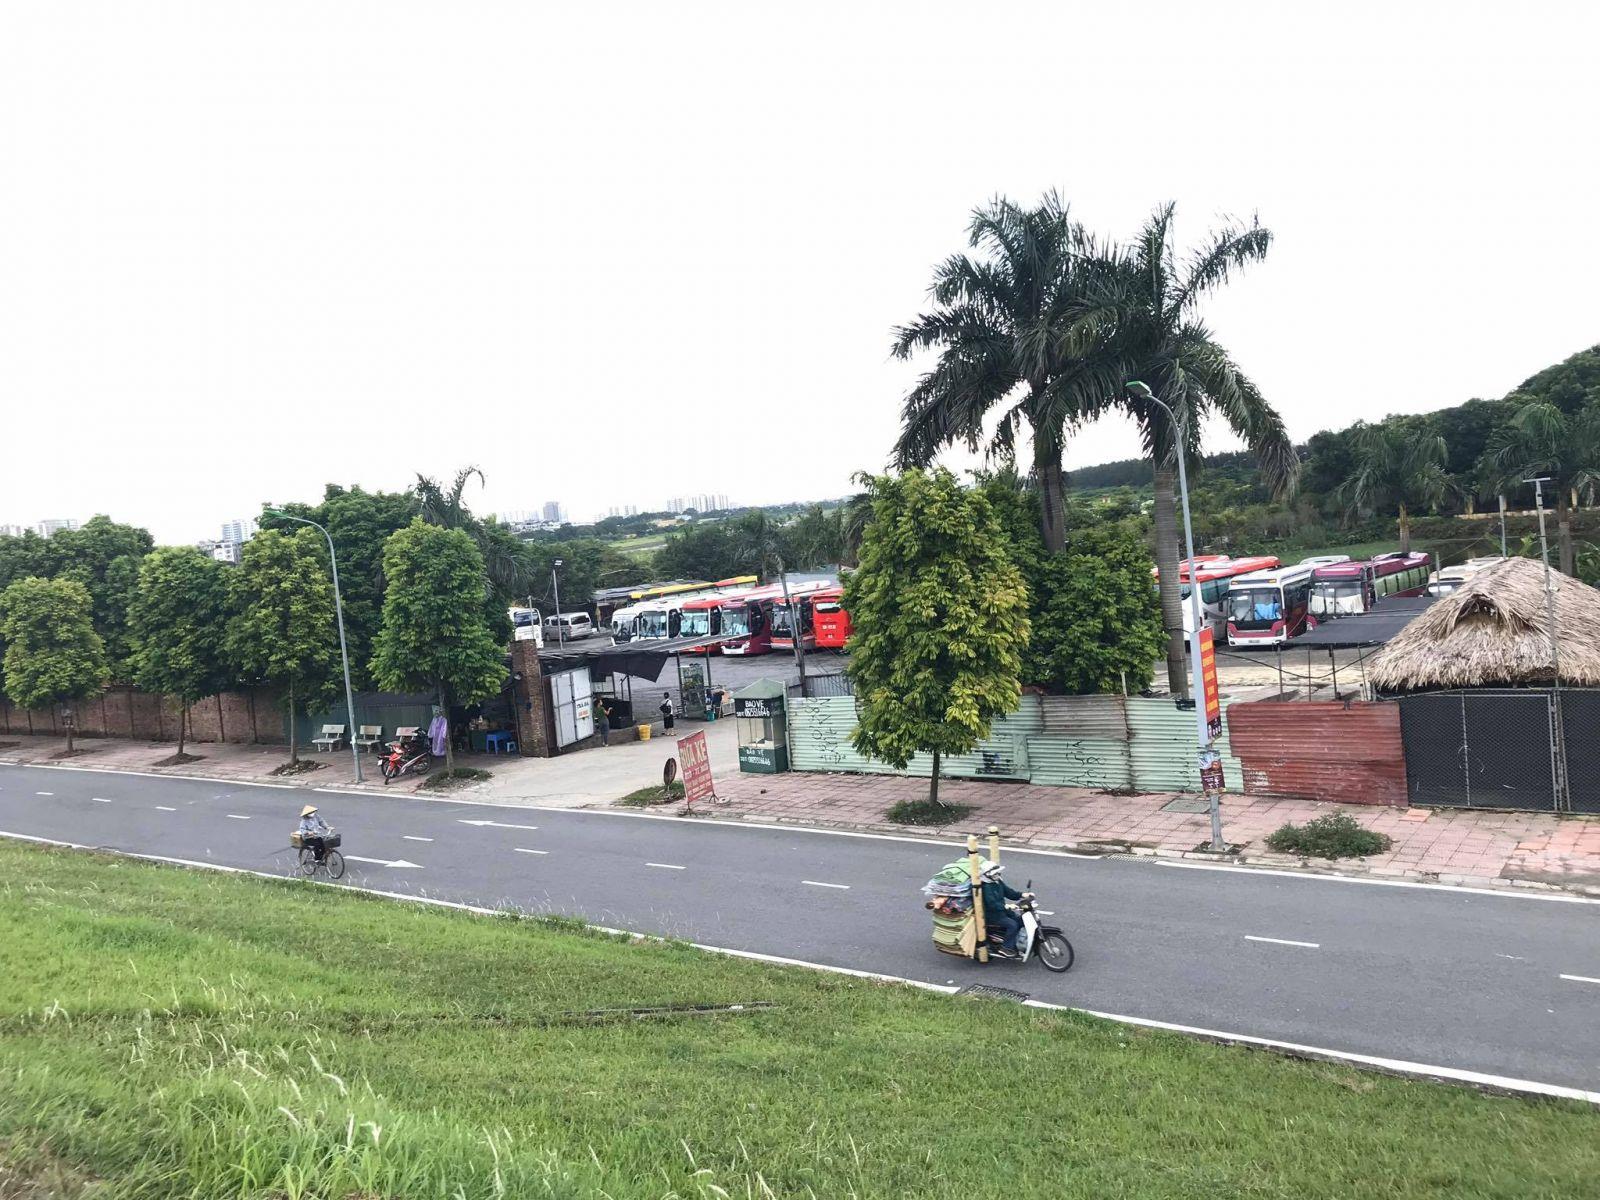 Hé lộ hàng loạt vấn đề tại điểm trông giữ xe trái phép tại phường Long Biên